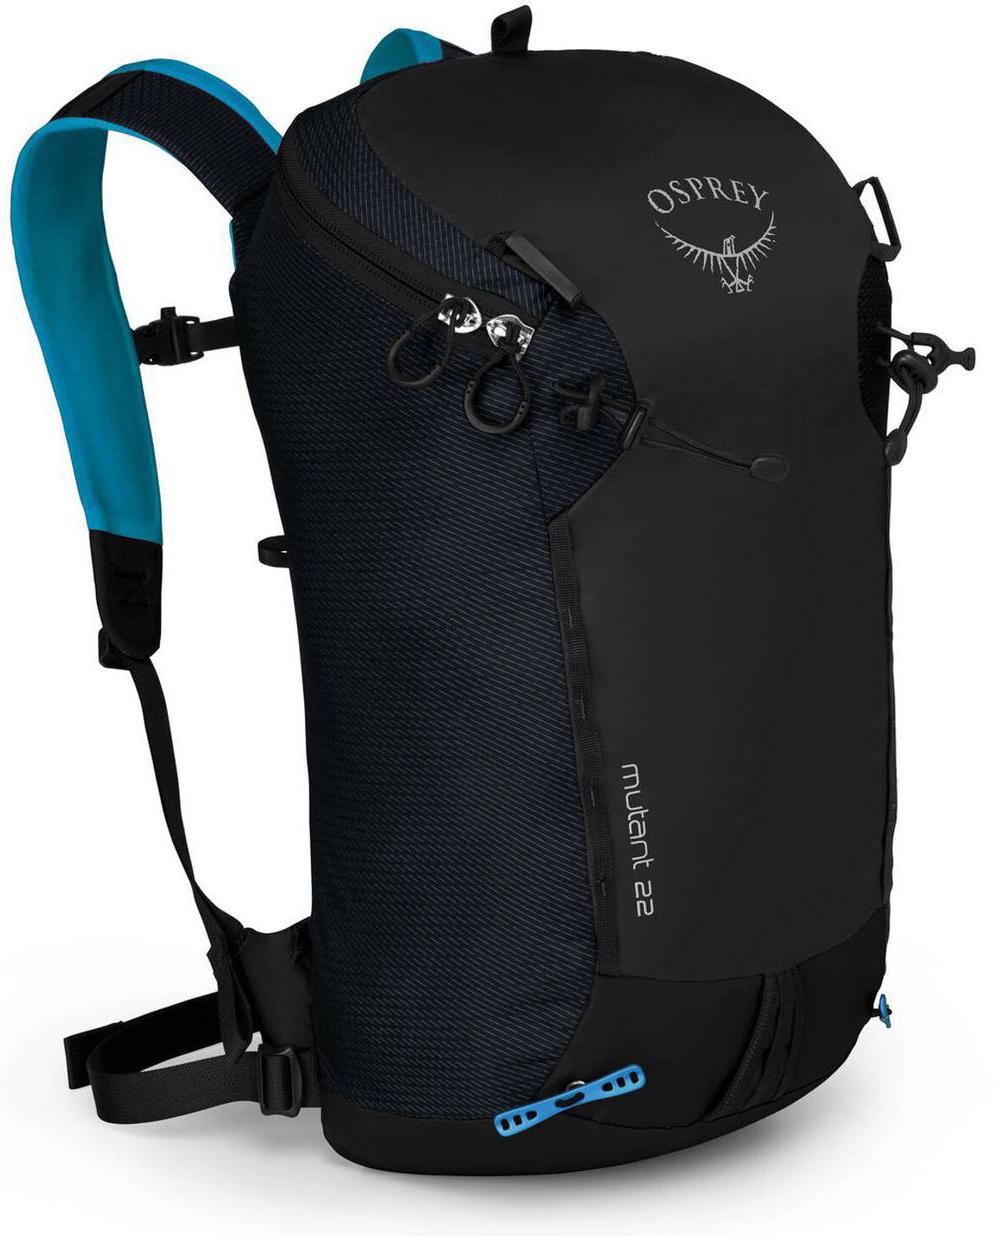 Туристические рюкзаки Рюкзак туристический Osprey Mutant 22 Black Ice 1272151816_w640_h640_cid2940096_pid753668605-d7e2bbd2.jpg